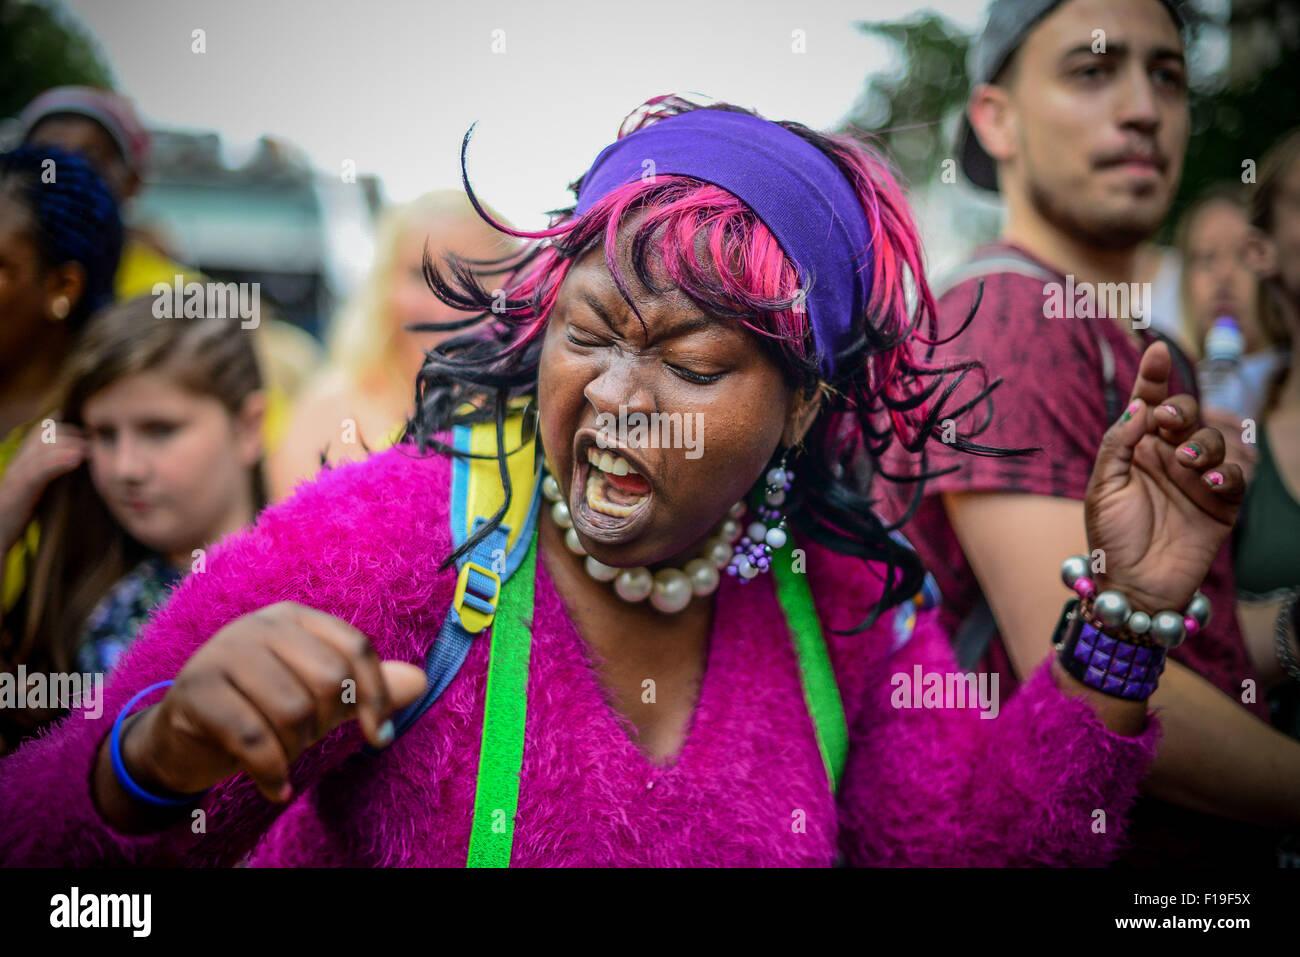 Londres, Royaume-Uni. 30 août, 2015. Des centaines de jeunes participent à un immense cortège de danseurs et de calypso flotteurs pour la Fête des enfants. Credit: Subvention Vélaires/ZUMA/Alamy Fil Live News Banque D'Images